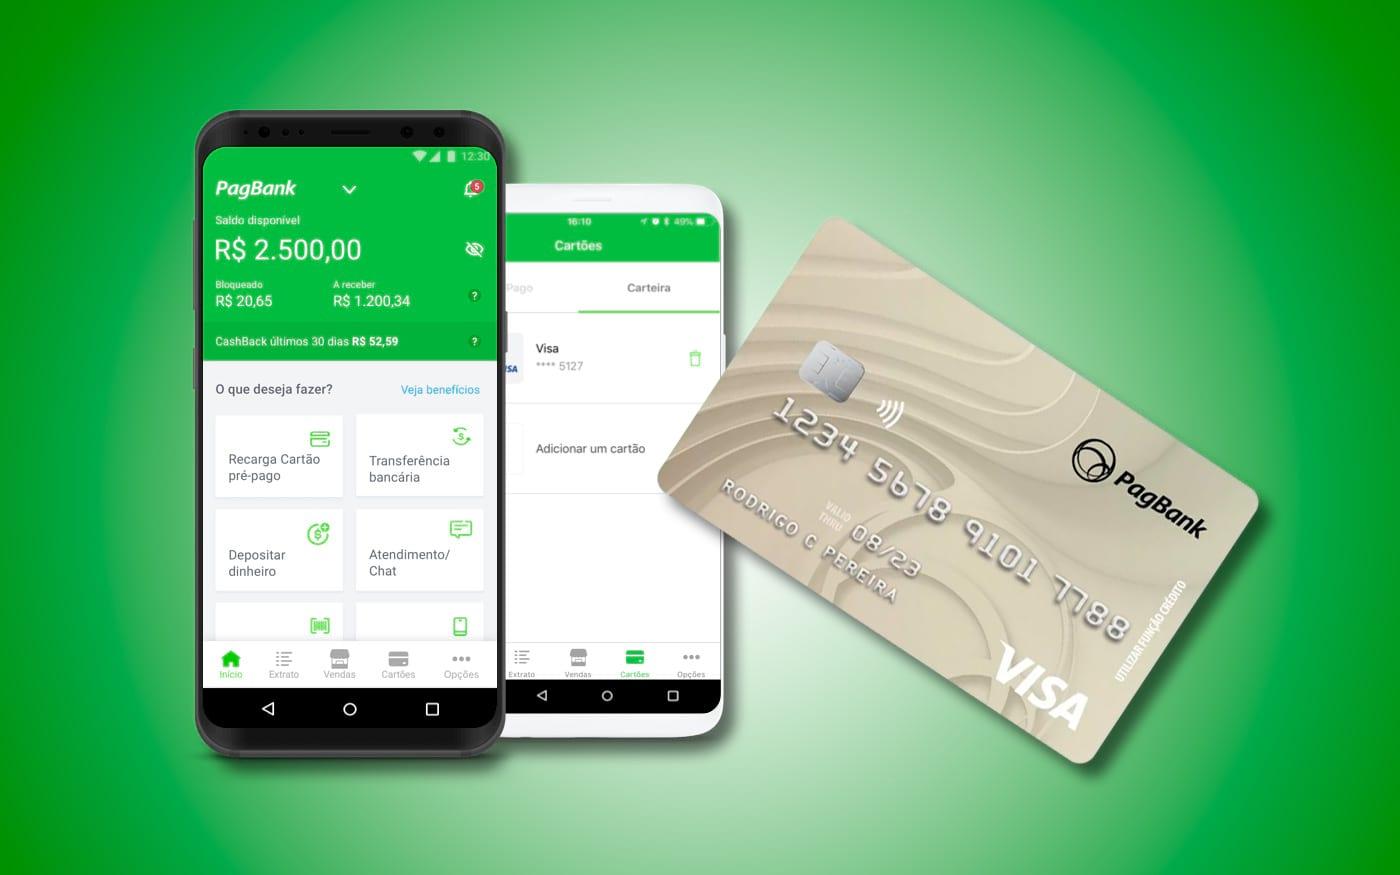 PagBank, traz agora cartão internacional Visa com NFC gratuitamente